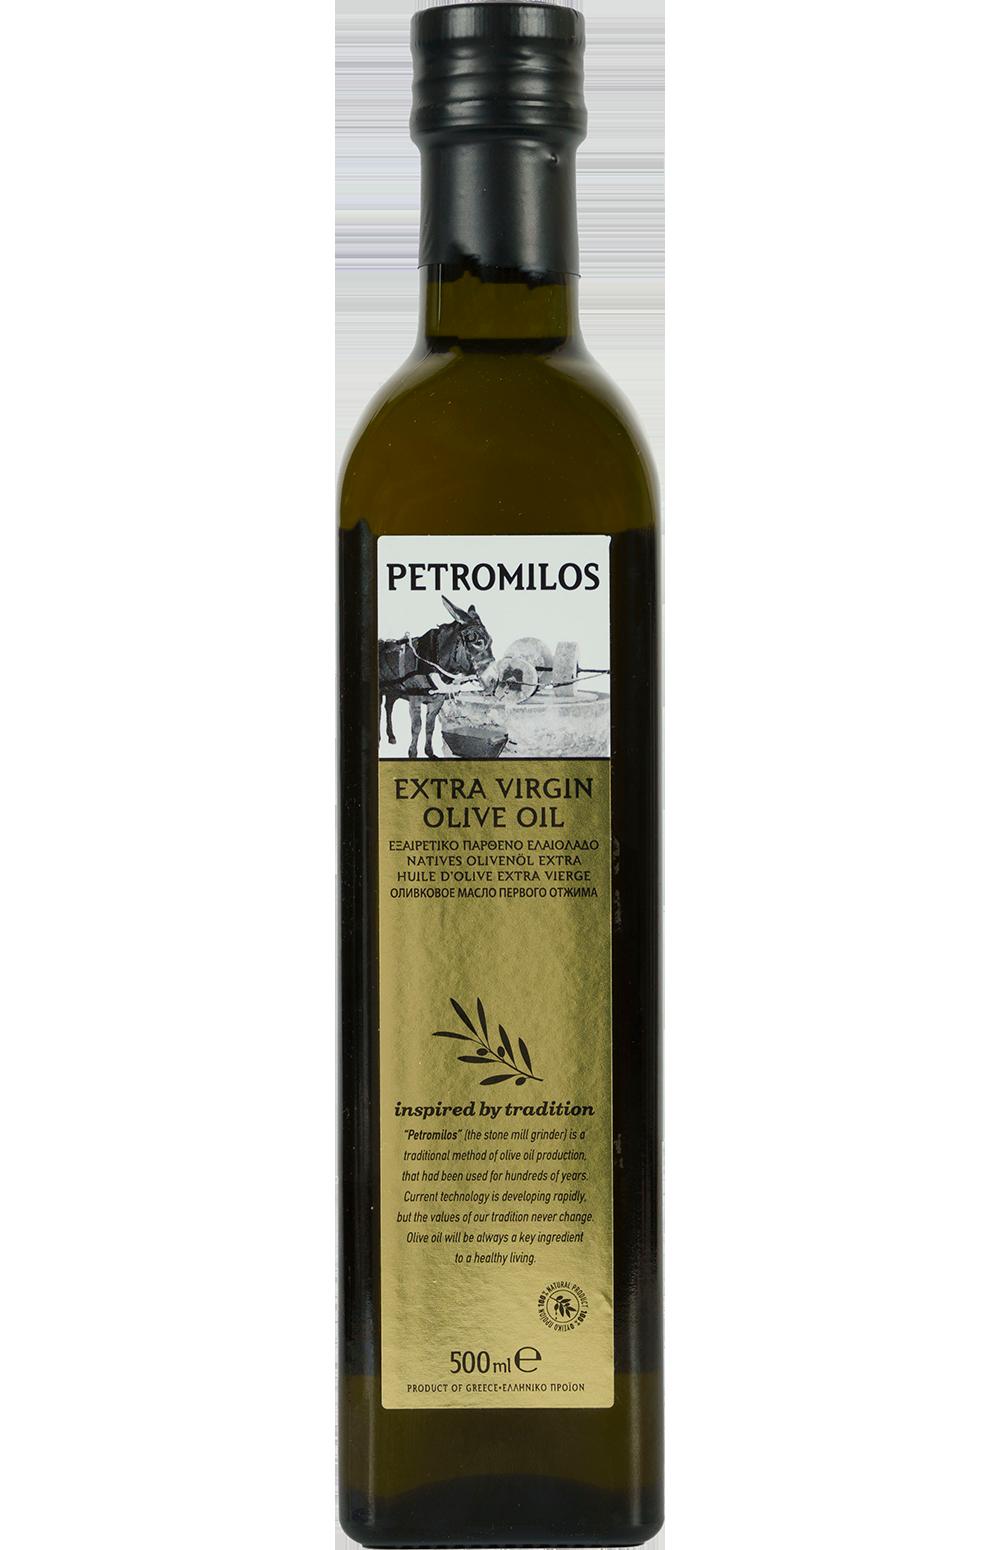 Petromilos